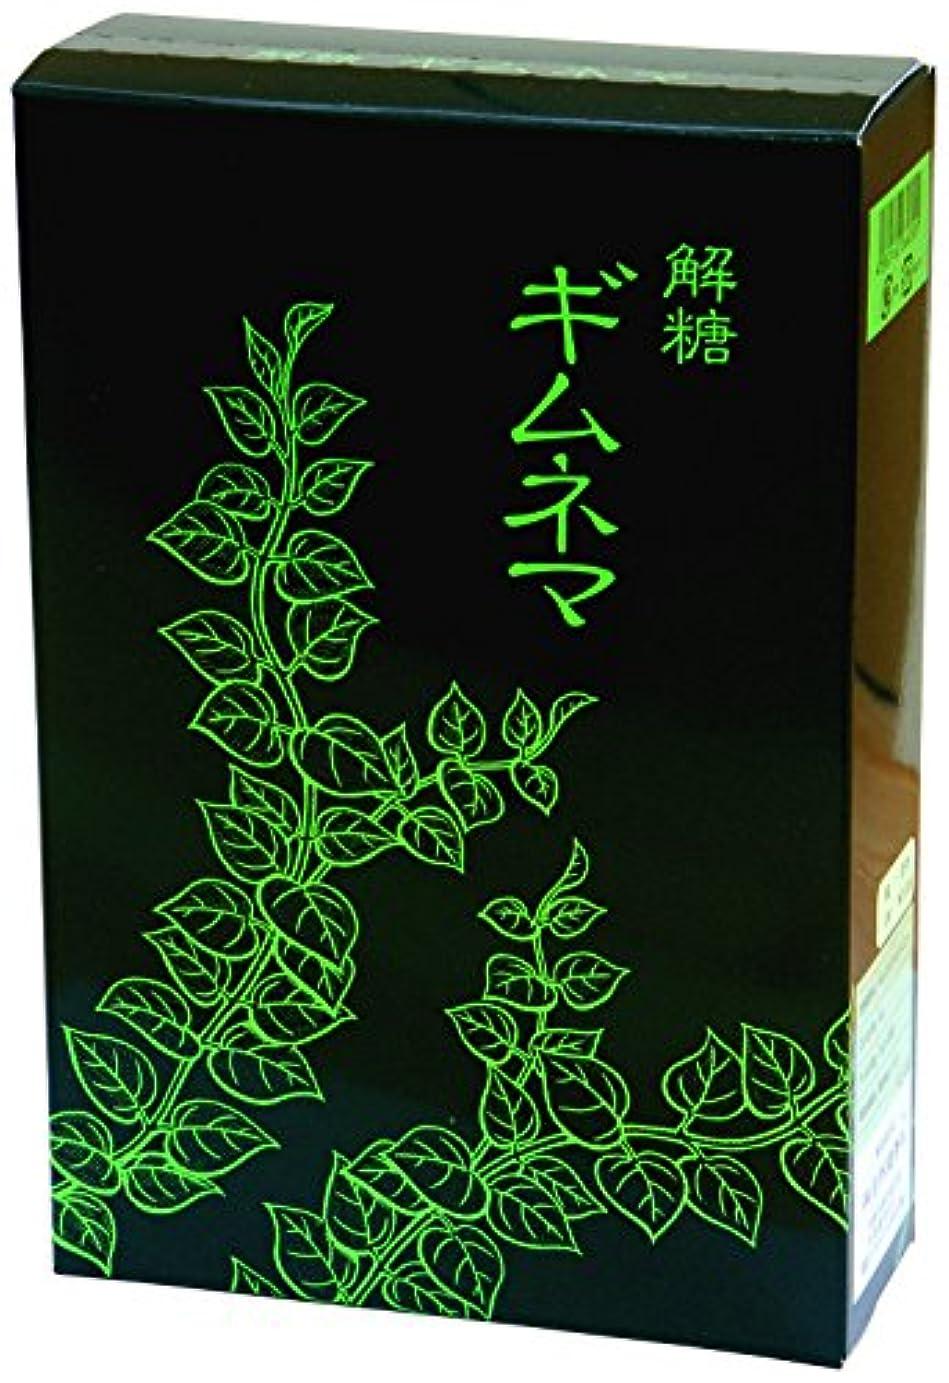 アクティブファックス着る自然健康社 解糖ギムネマ茶 4g×32パック 煮出し用ティーバッグ